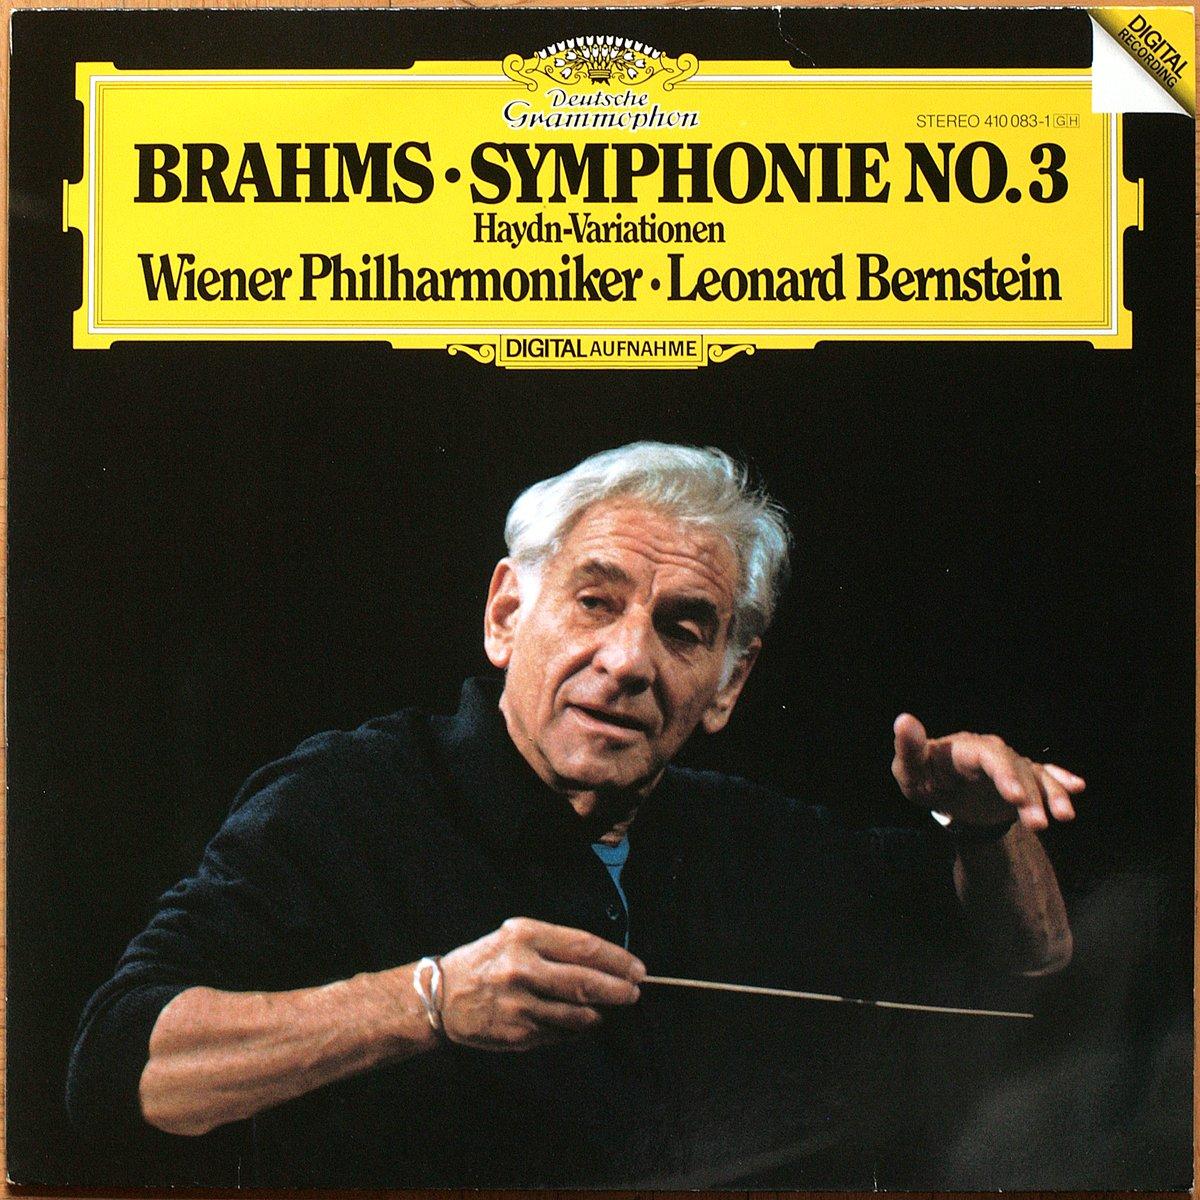 DGGDGG 410 083 Brahms Symphonie 3 Bernstein DGG Digital Aufnahme